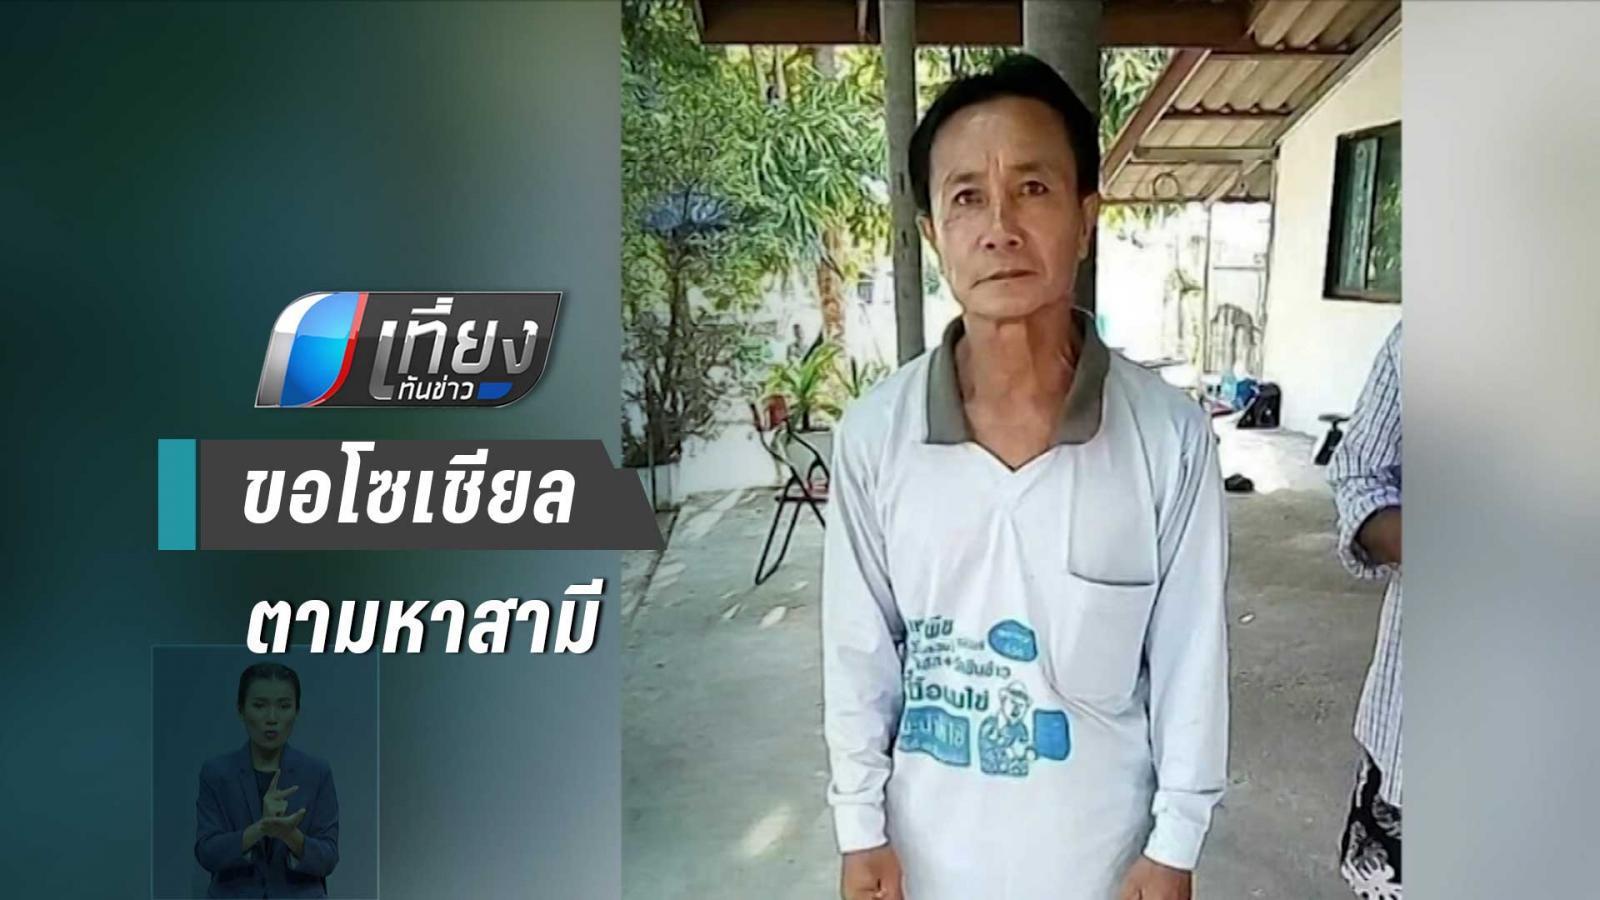 ภรรยาโพสต์ขอโซเชียลตามหาสามี หลังถูกนายหน้าหลอกไปทำงานเกาหลี